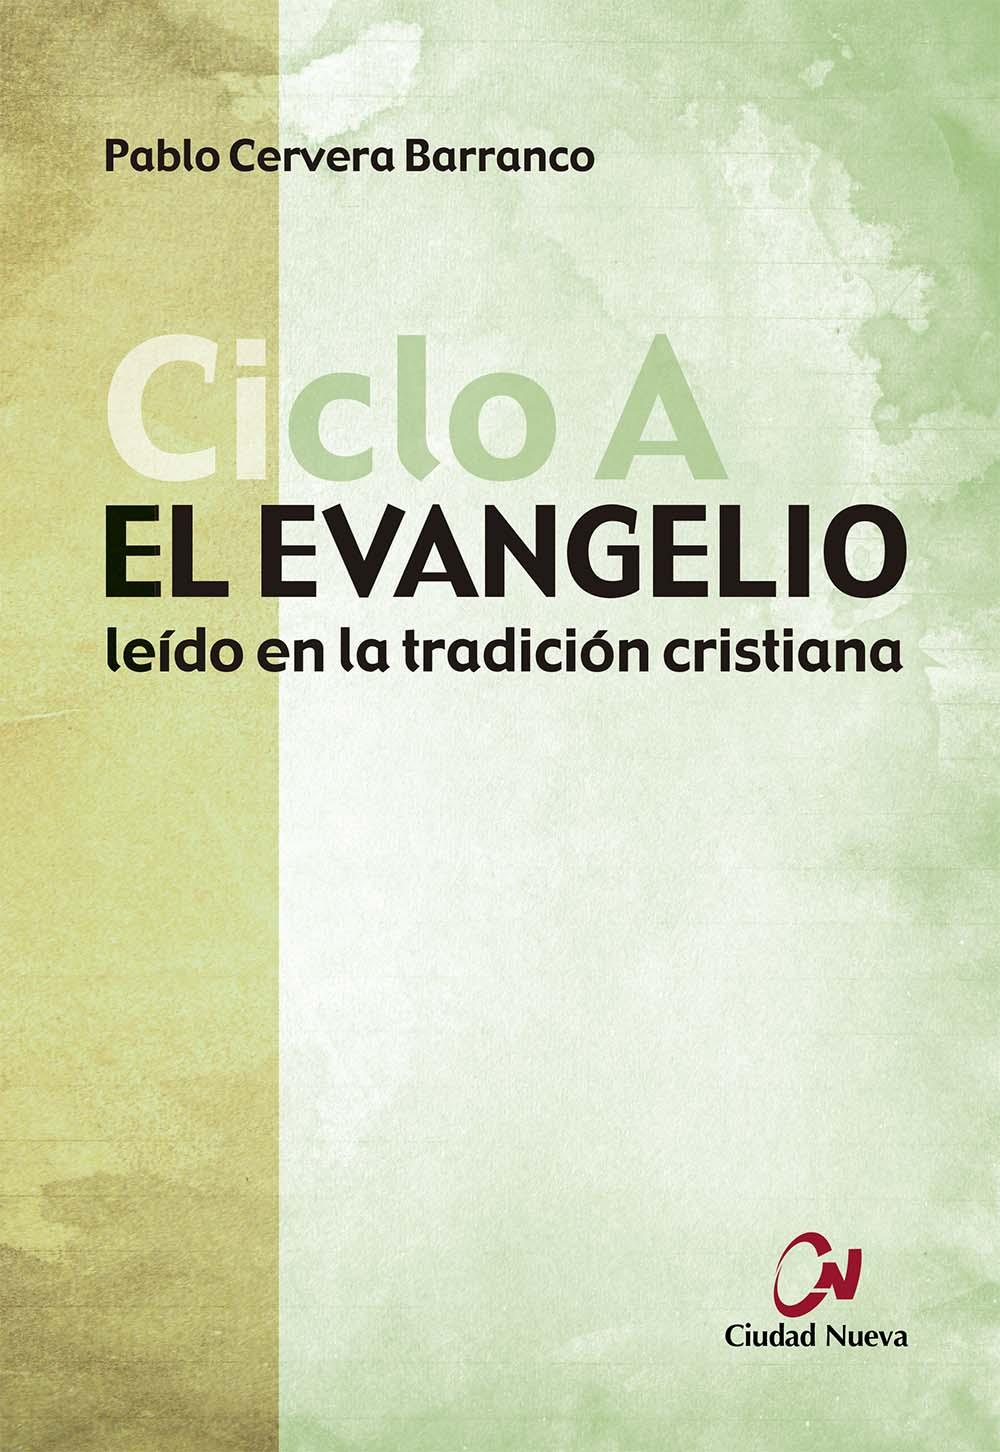 el-evangelio-leido-en-la-tradicion-cristiana-ciclo-a